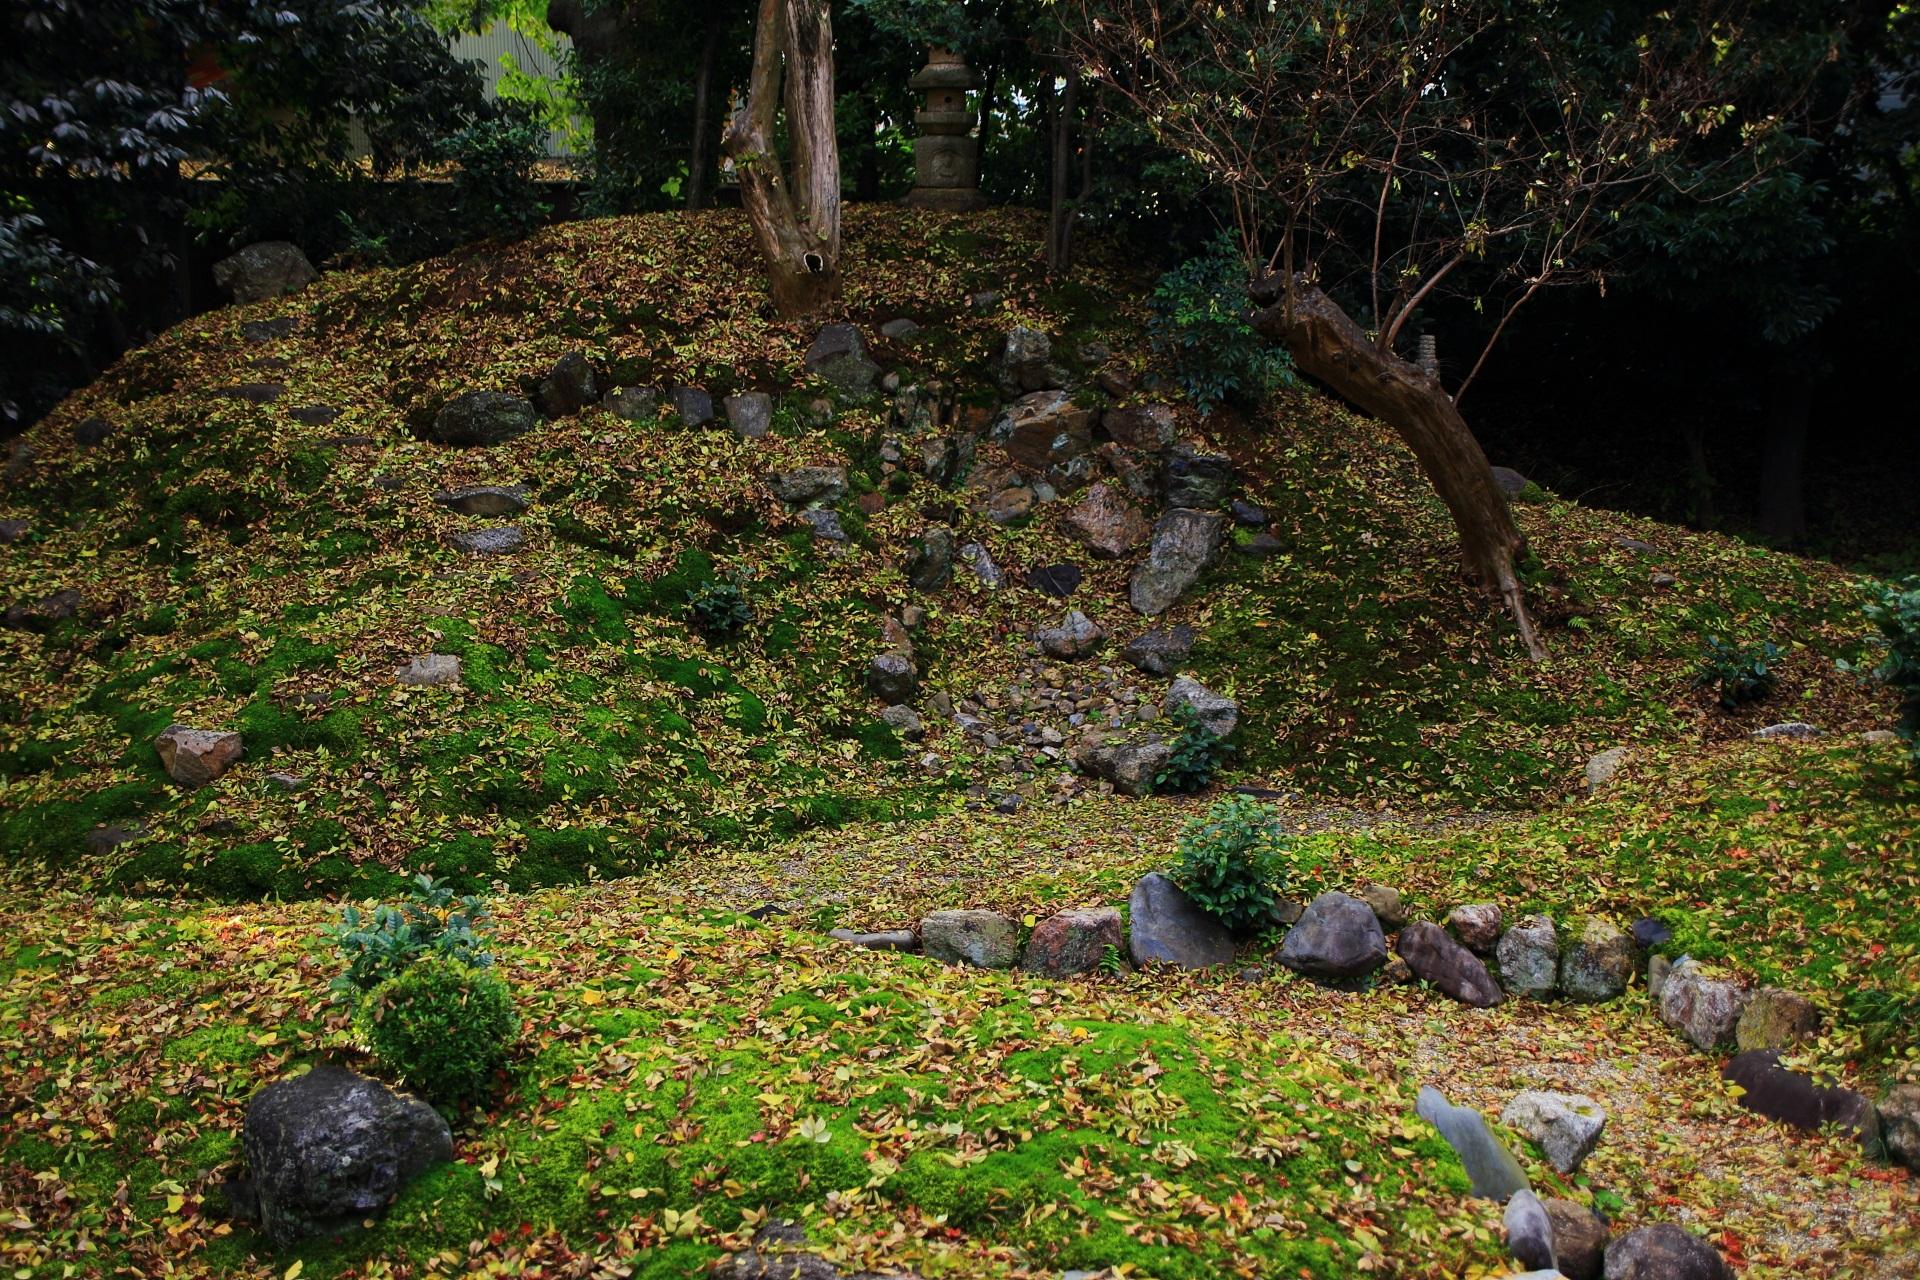 立本寺の庭園正面の苔や岩の築山を彩る散り銀杏